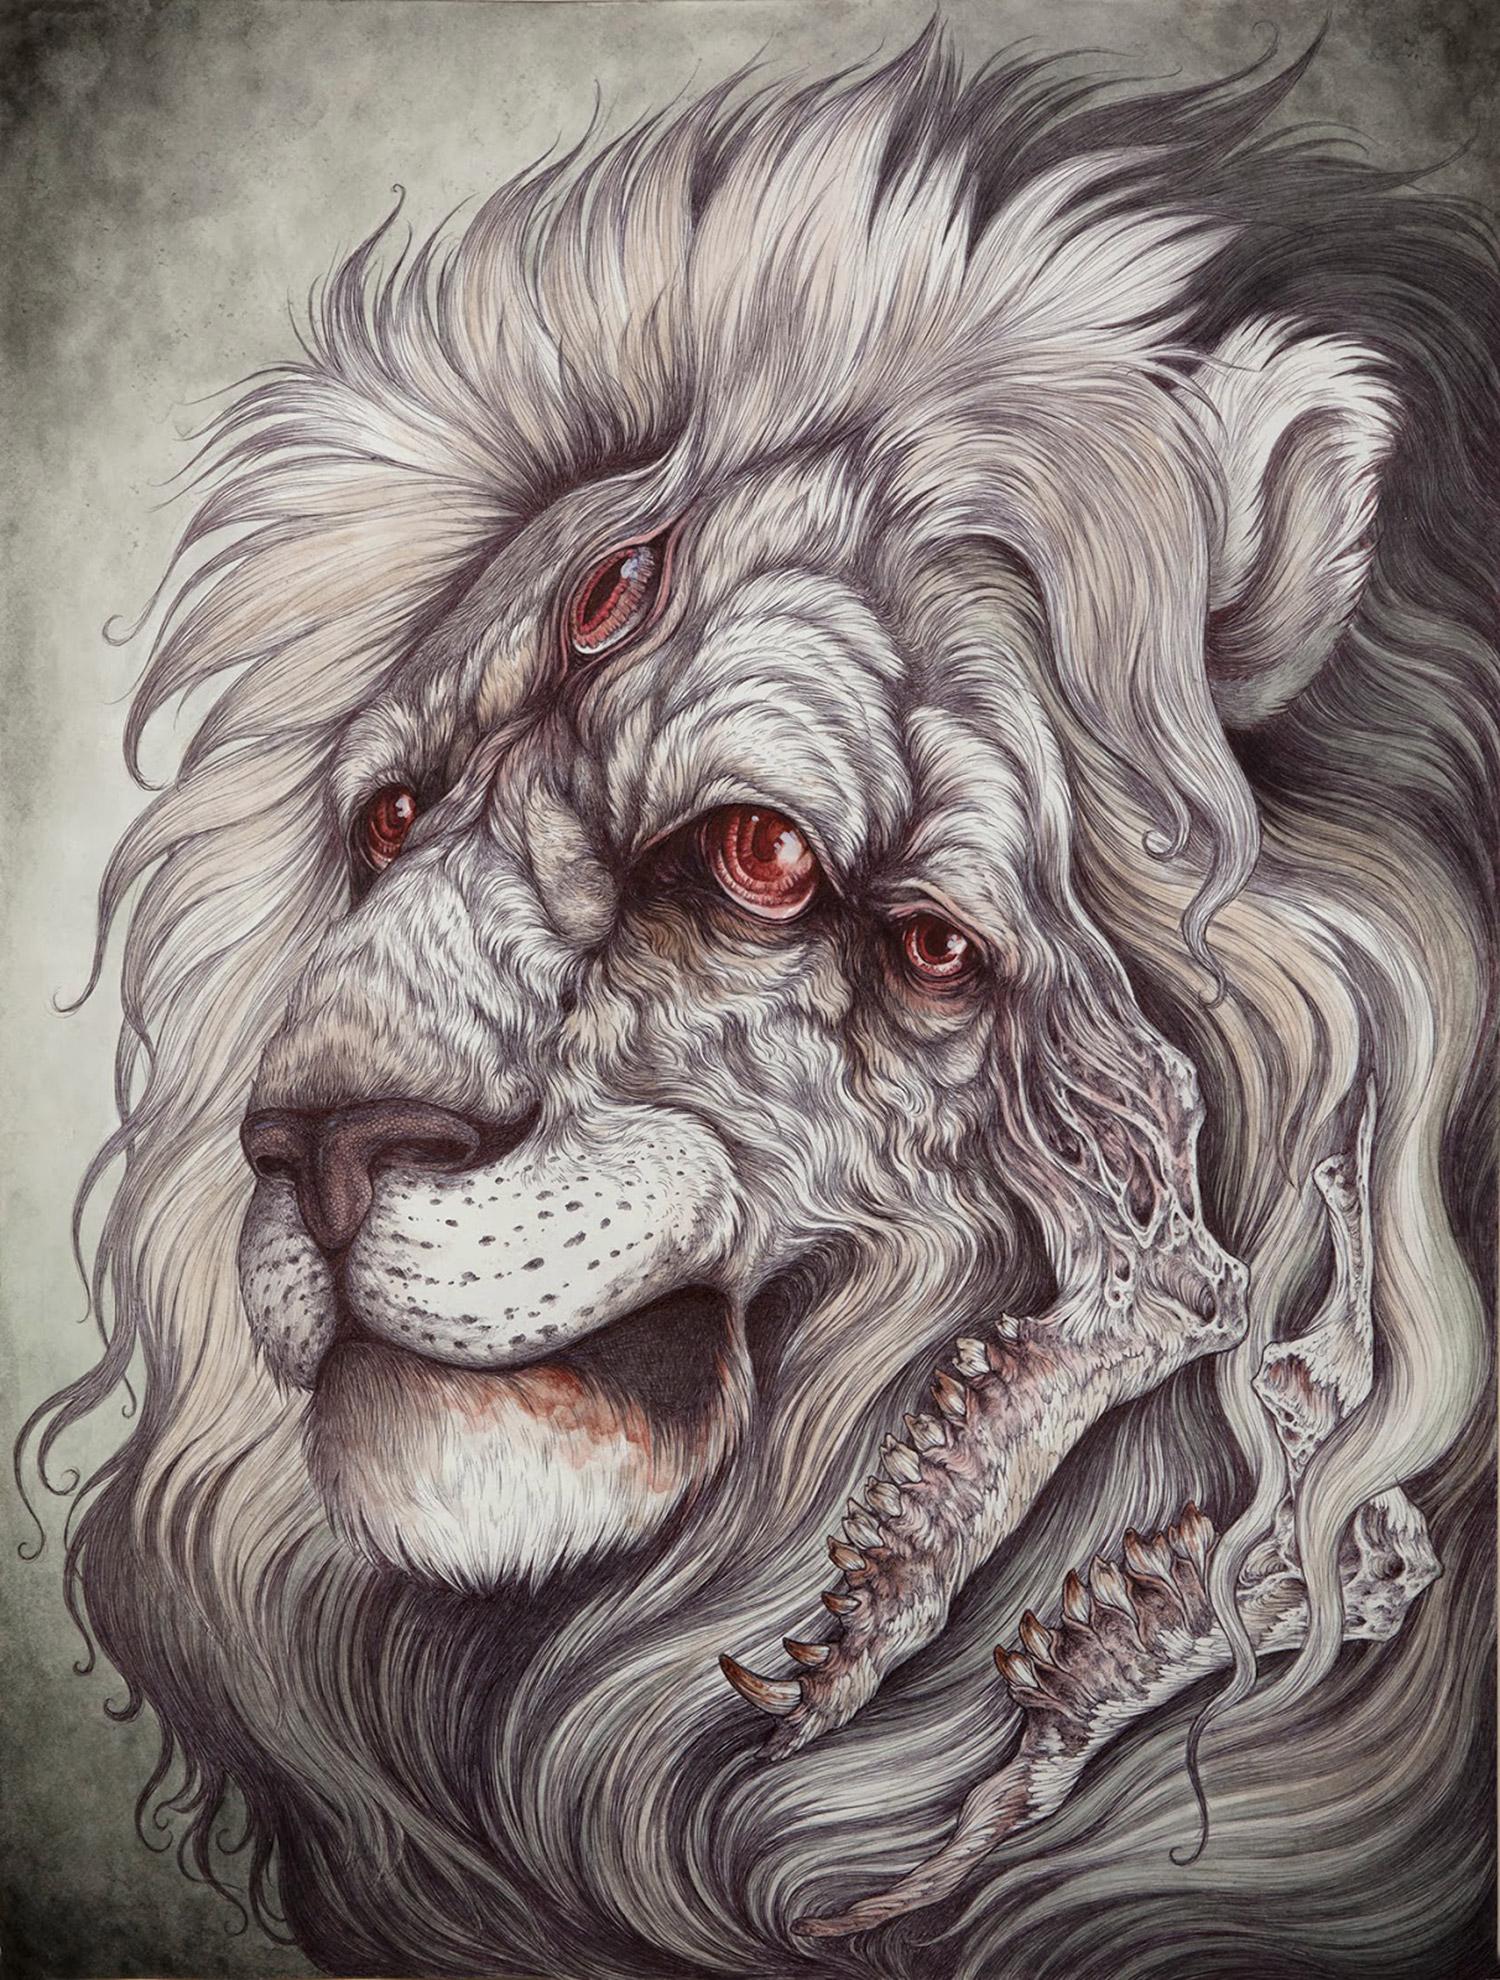 Caitlin Hackett - The Nemean Lion